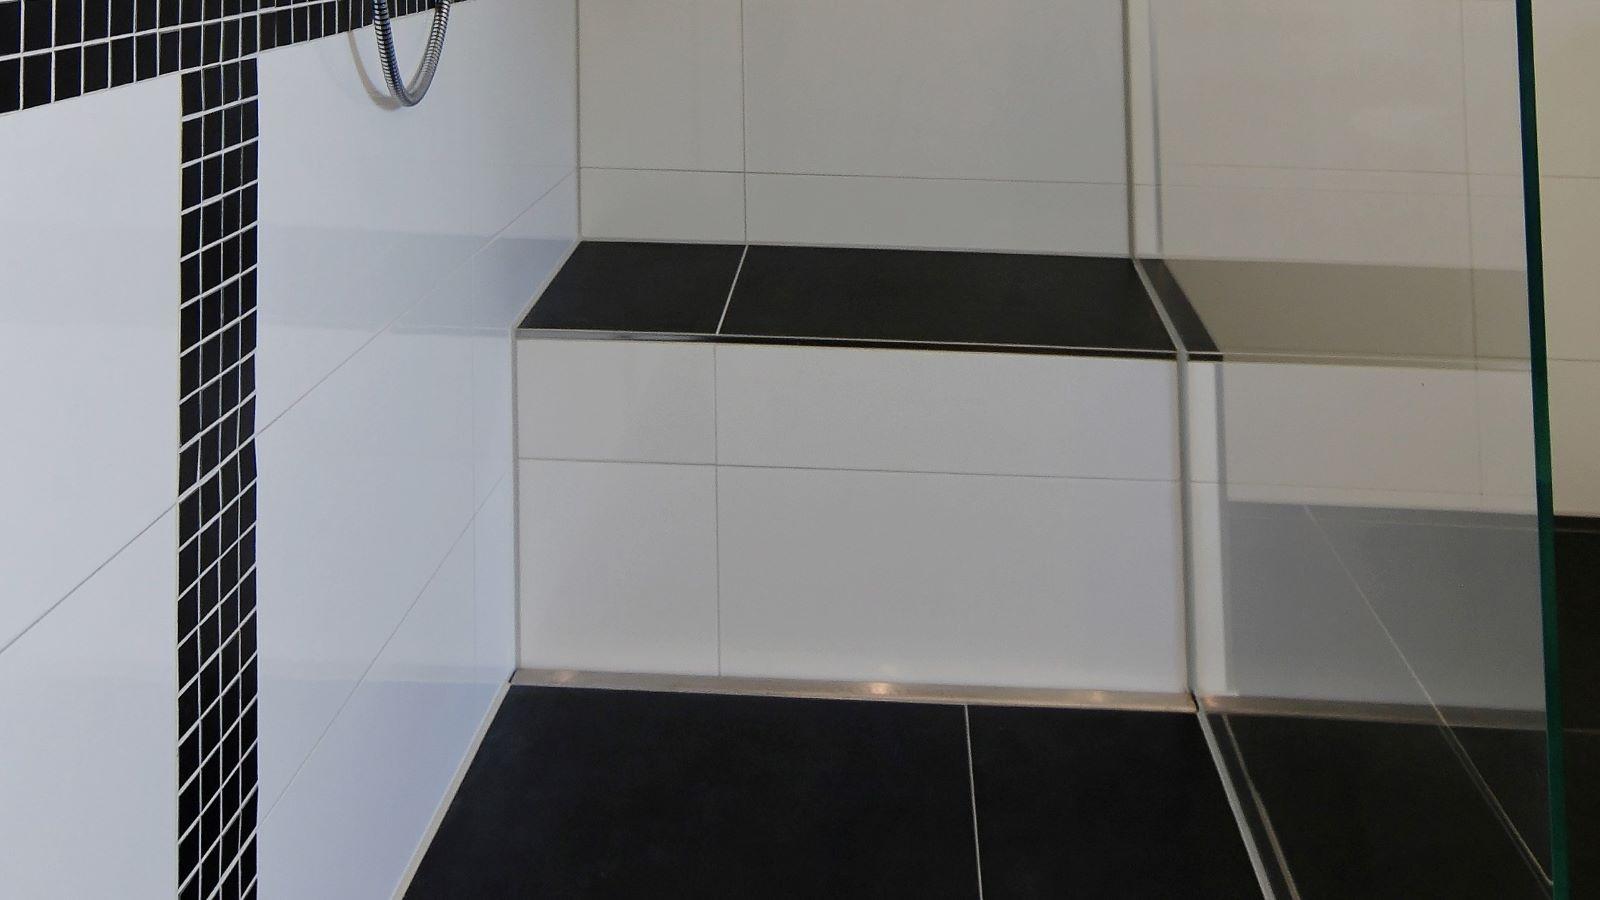 Abgebildet ist die in einer bodengleichen dusche direkt vor einer sitzbank wandbuendig montierte , dezente v4a edelstahl-duschrinne pro. Cm-genau massgefertigt bis 600 cm laenge laesst sich die duschrinne pro einfach zwischen der wand und der glasduschabtrennung montieren. Die unempfindliche duschrinne pro ermoeglicht eine sehr gute linienentwaesserung der ebenerdigen dusche.